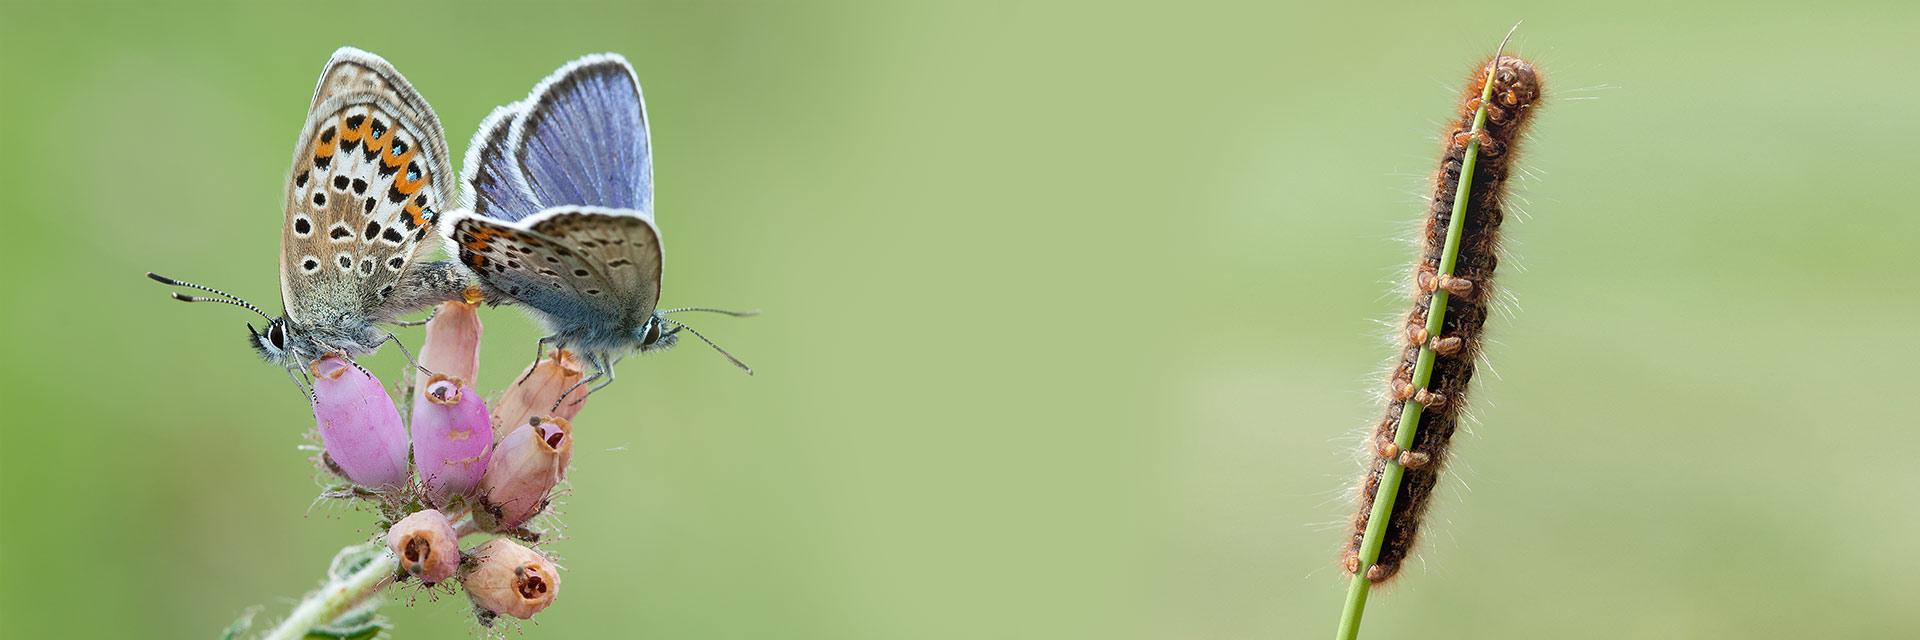 Welkom op de pagina met foto's van Rupsen en Vlinders